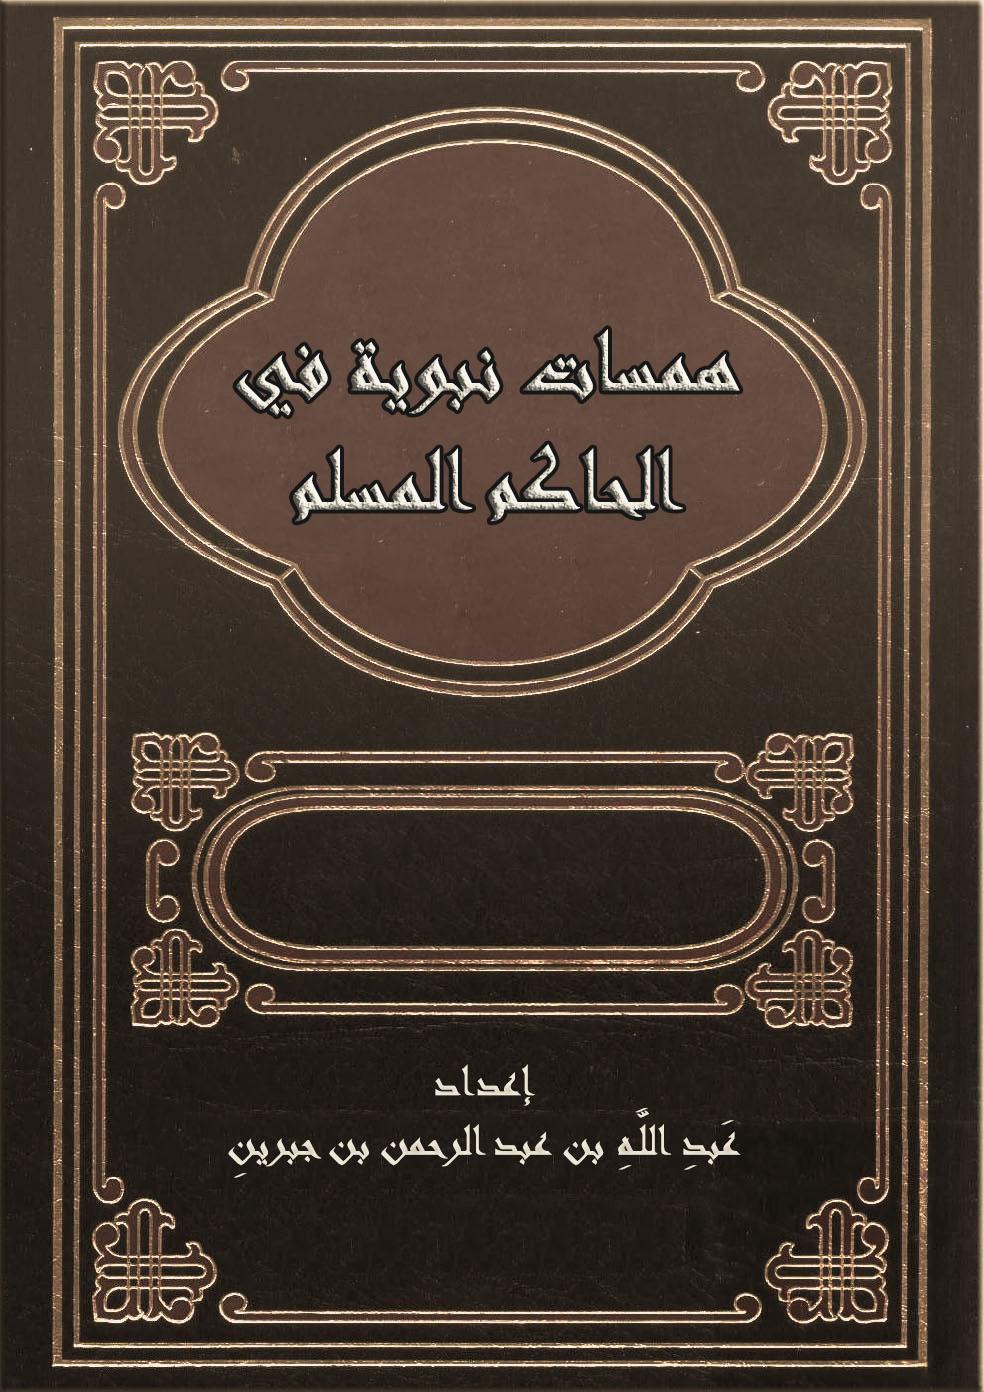 همسات نبوية في الحاكم المسلم